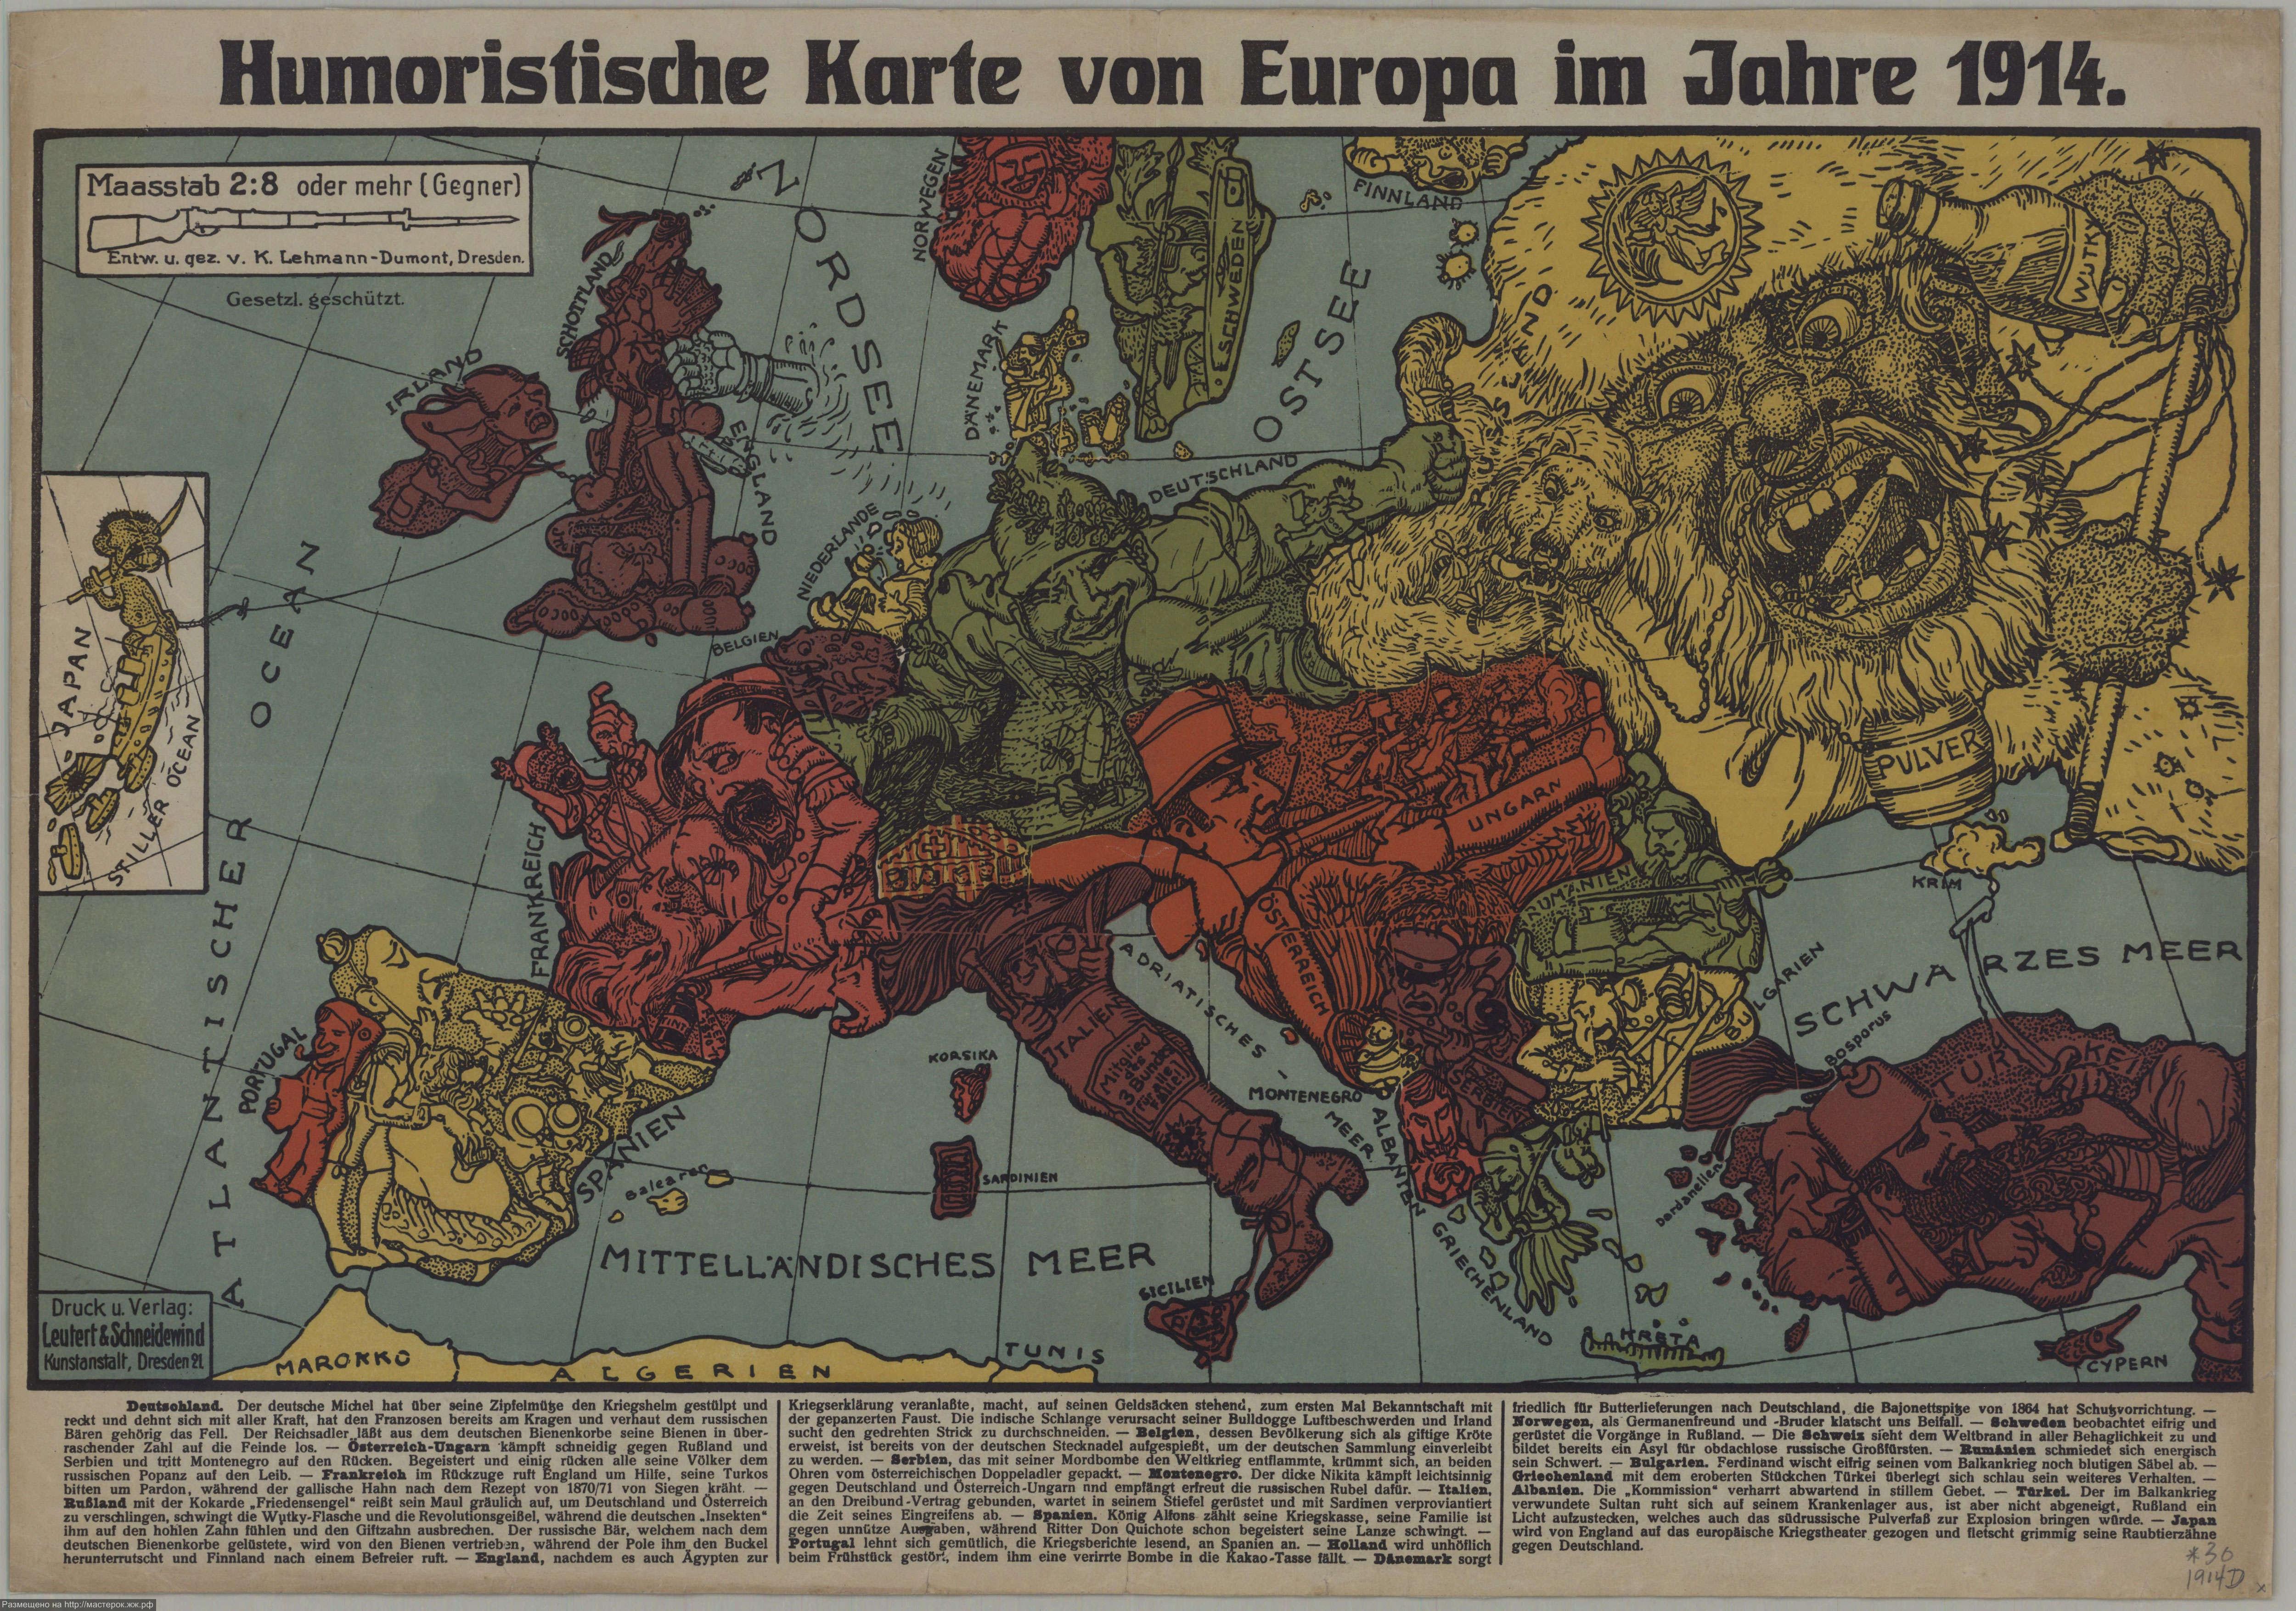 Географические карты как пропаганда